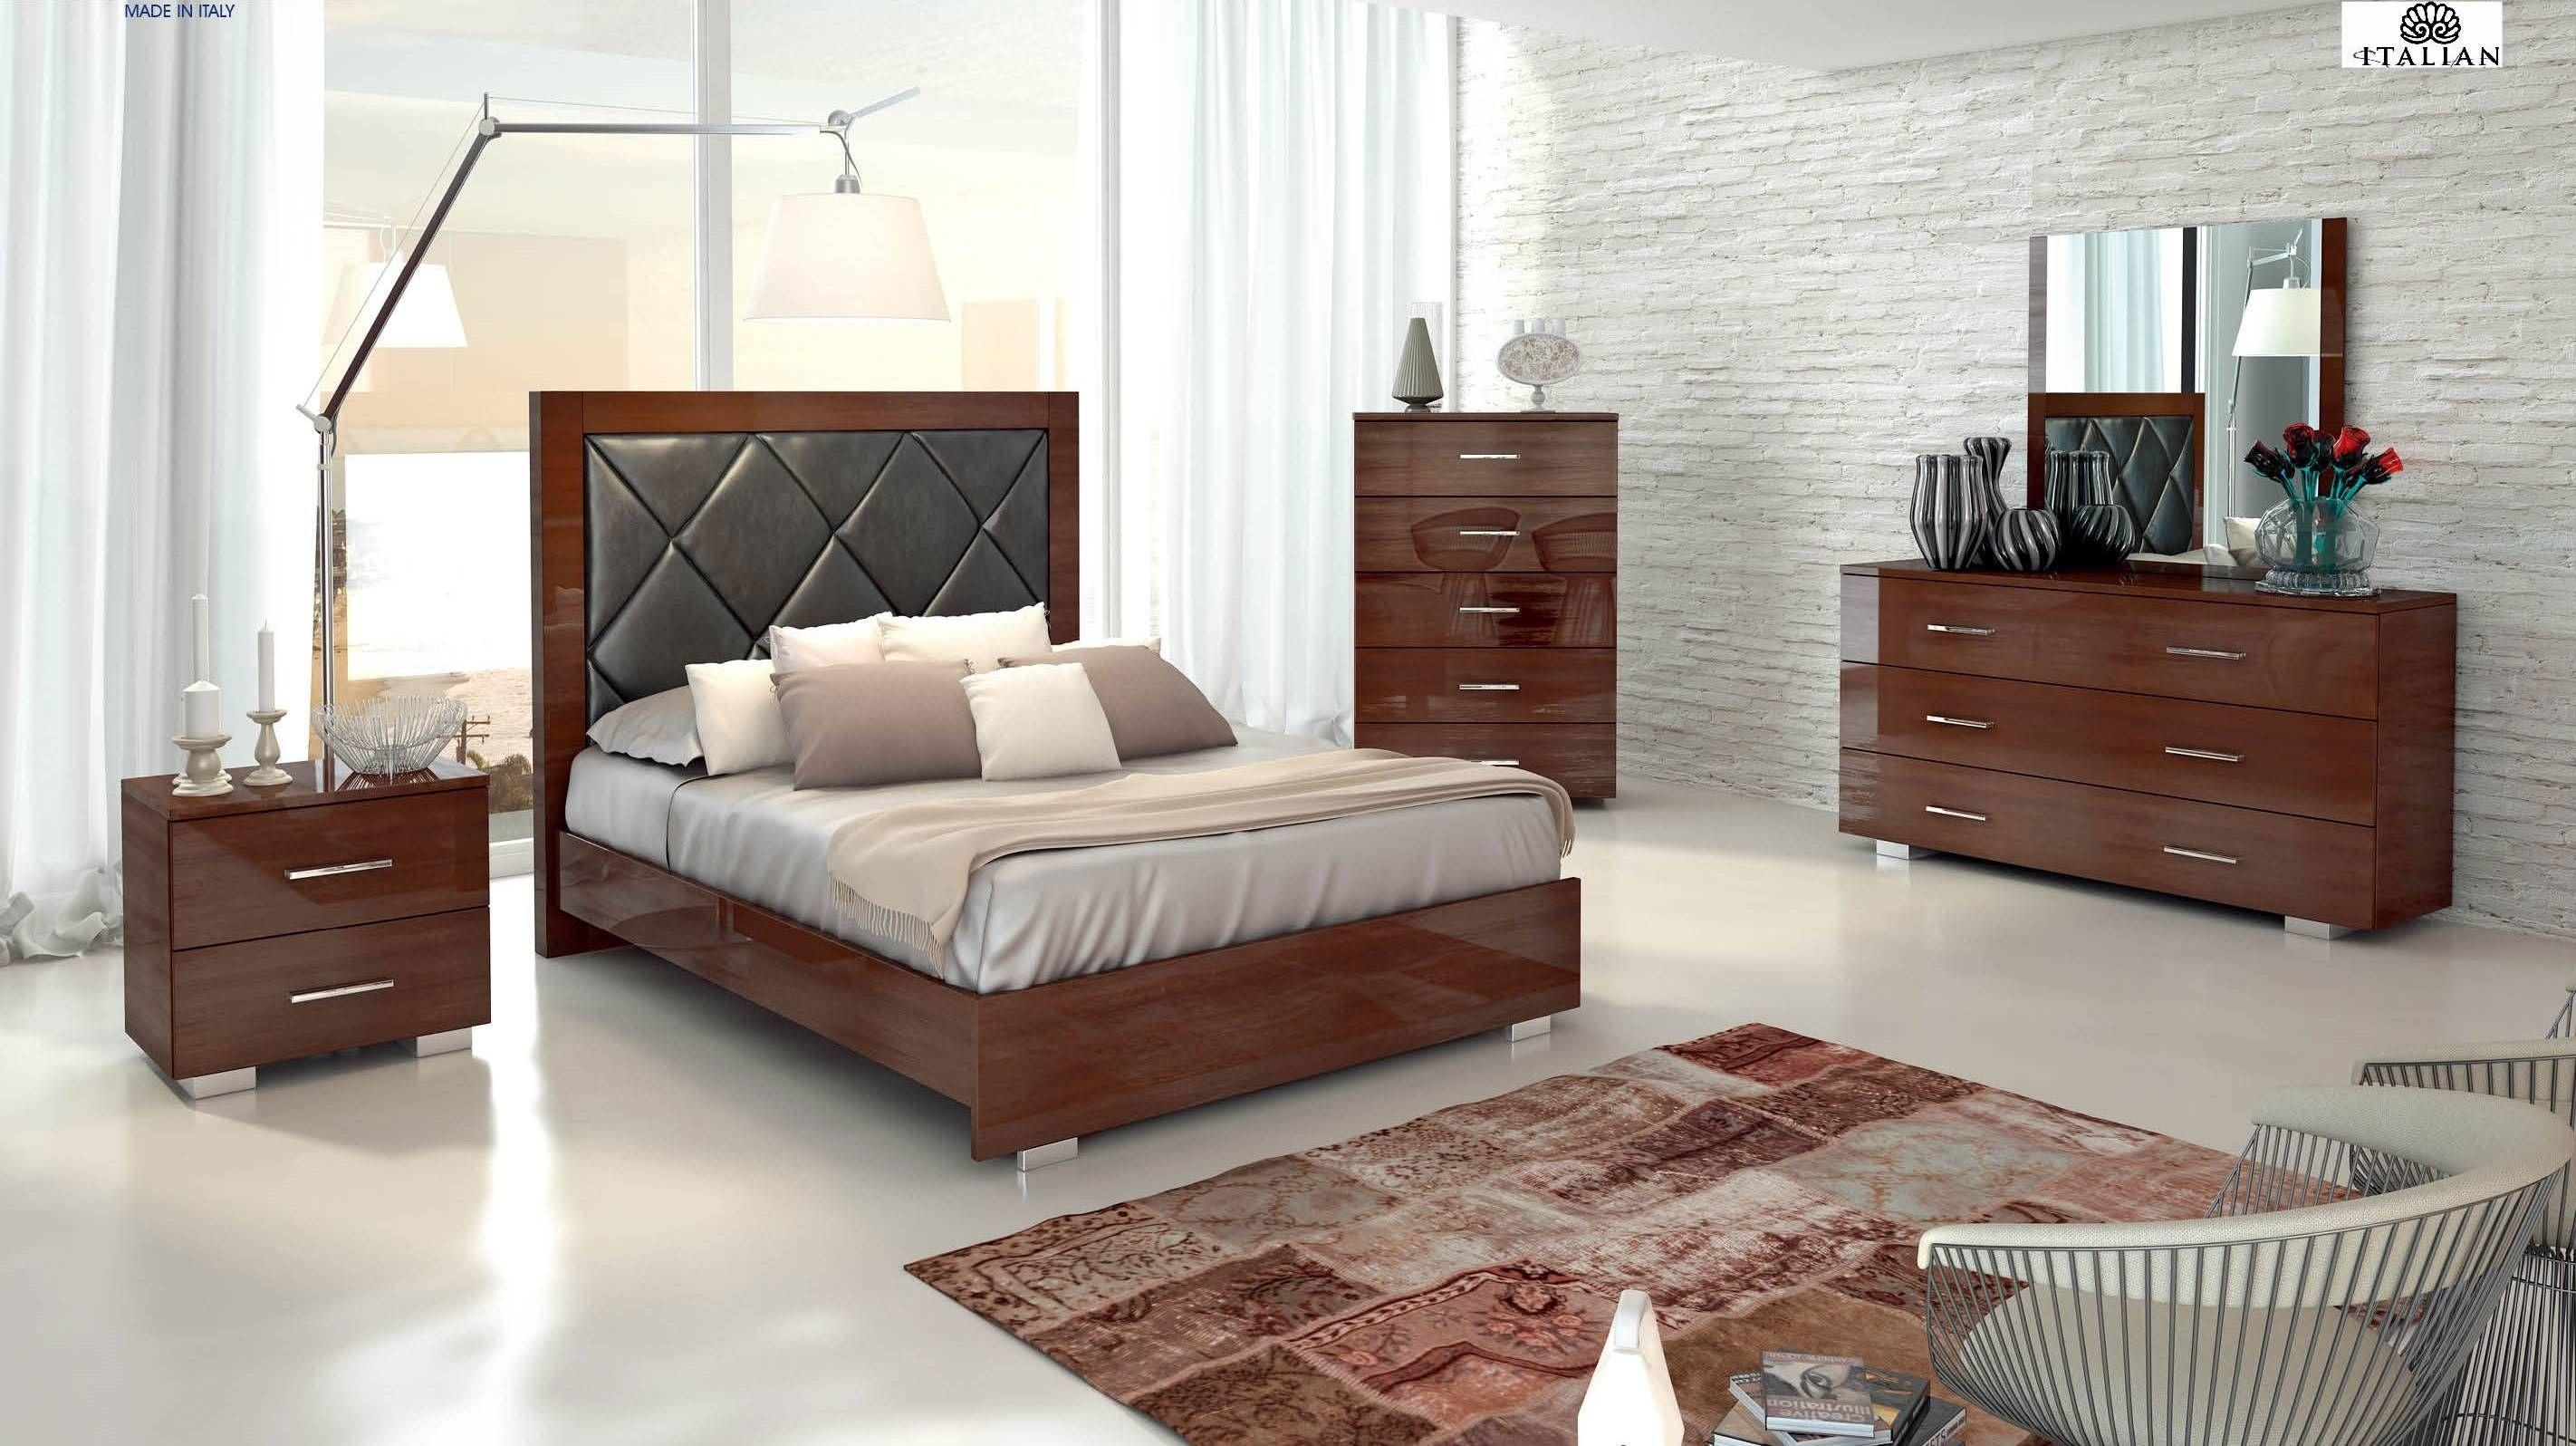 30 Genial Ideen Für Wohnzimmer Dekoration | DEKO | Pinterest